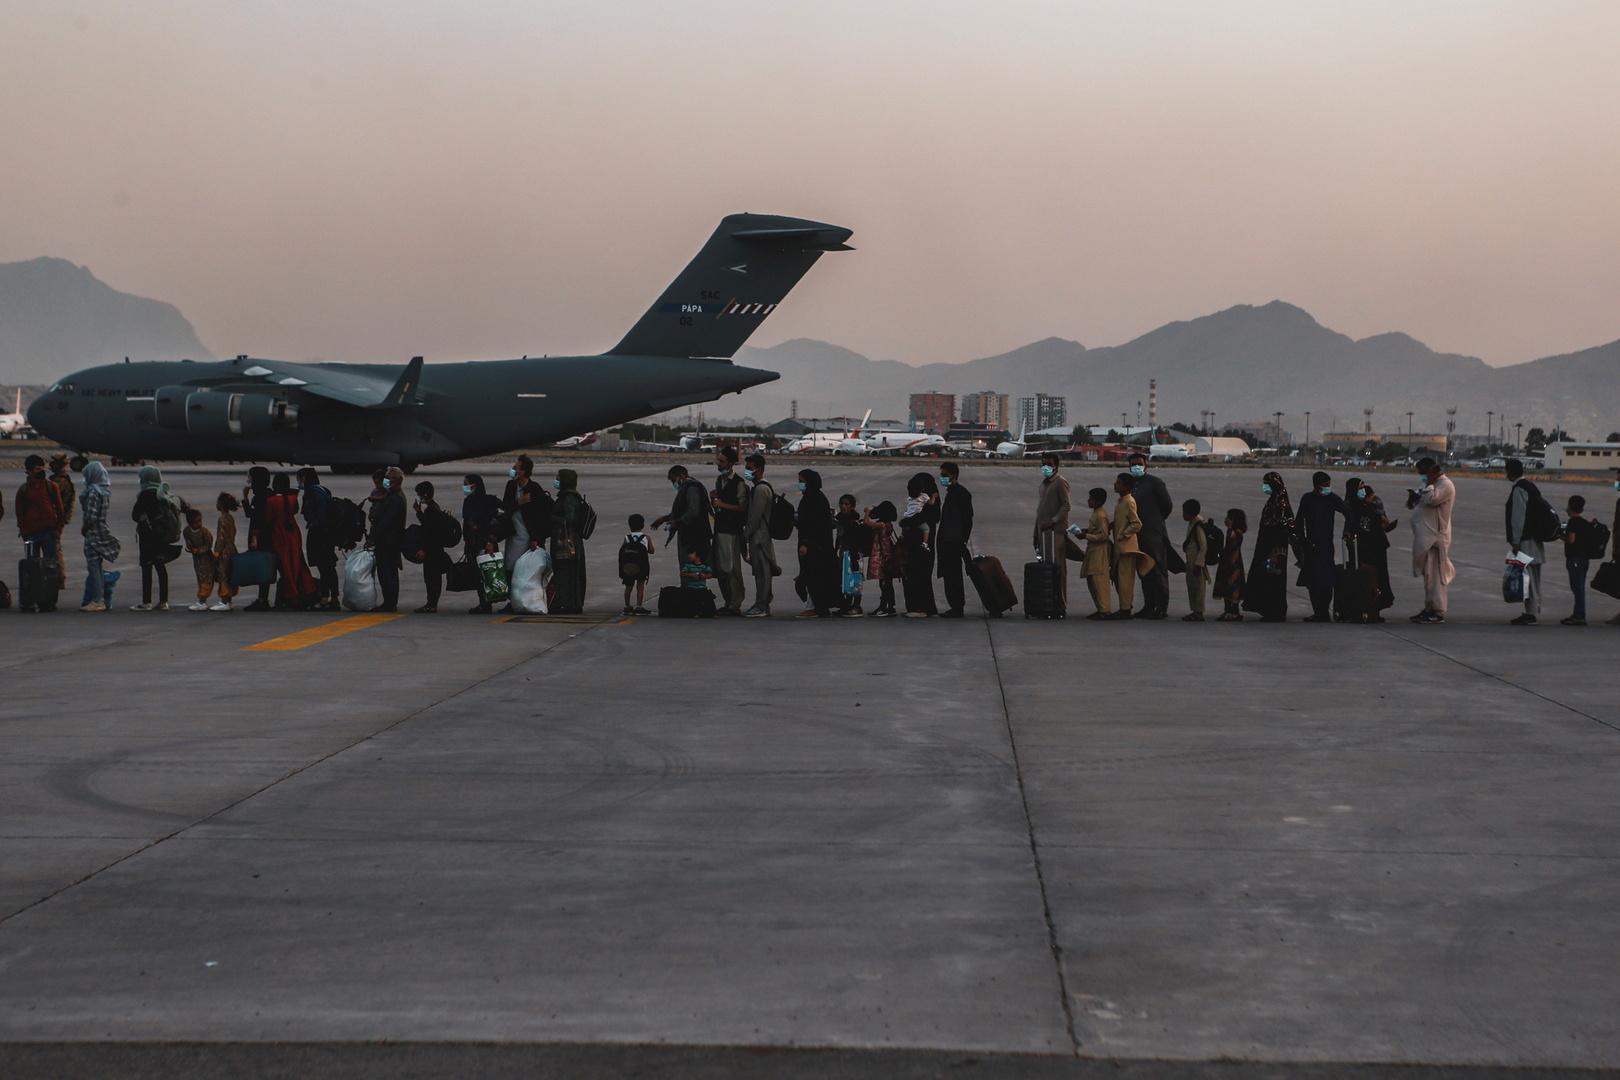 البيت الأبيض: إجلاء 12.5 ألف شخص من كابل خلال اليوم الأخير والعدد الإجمالي يتخطى الـ100 ألف